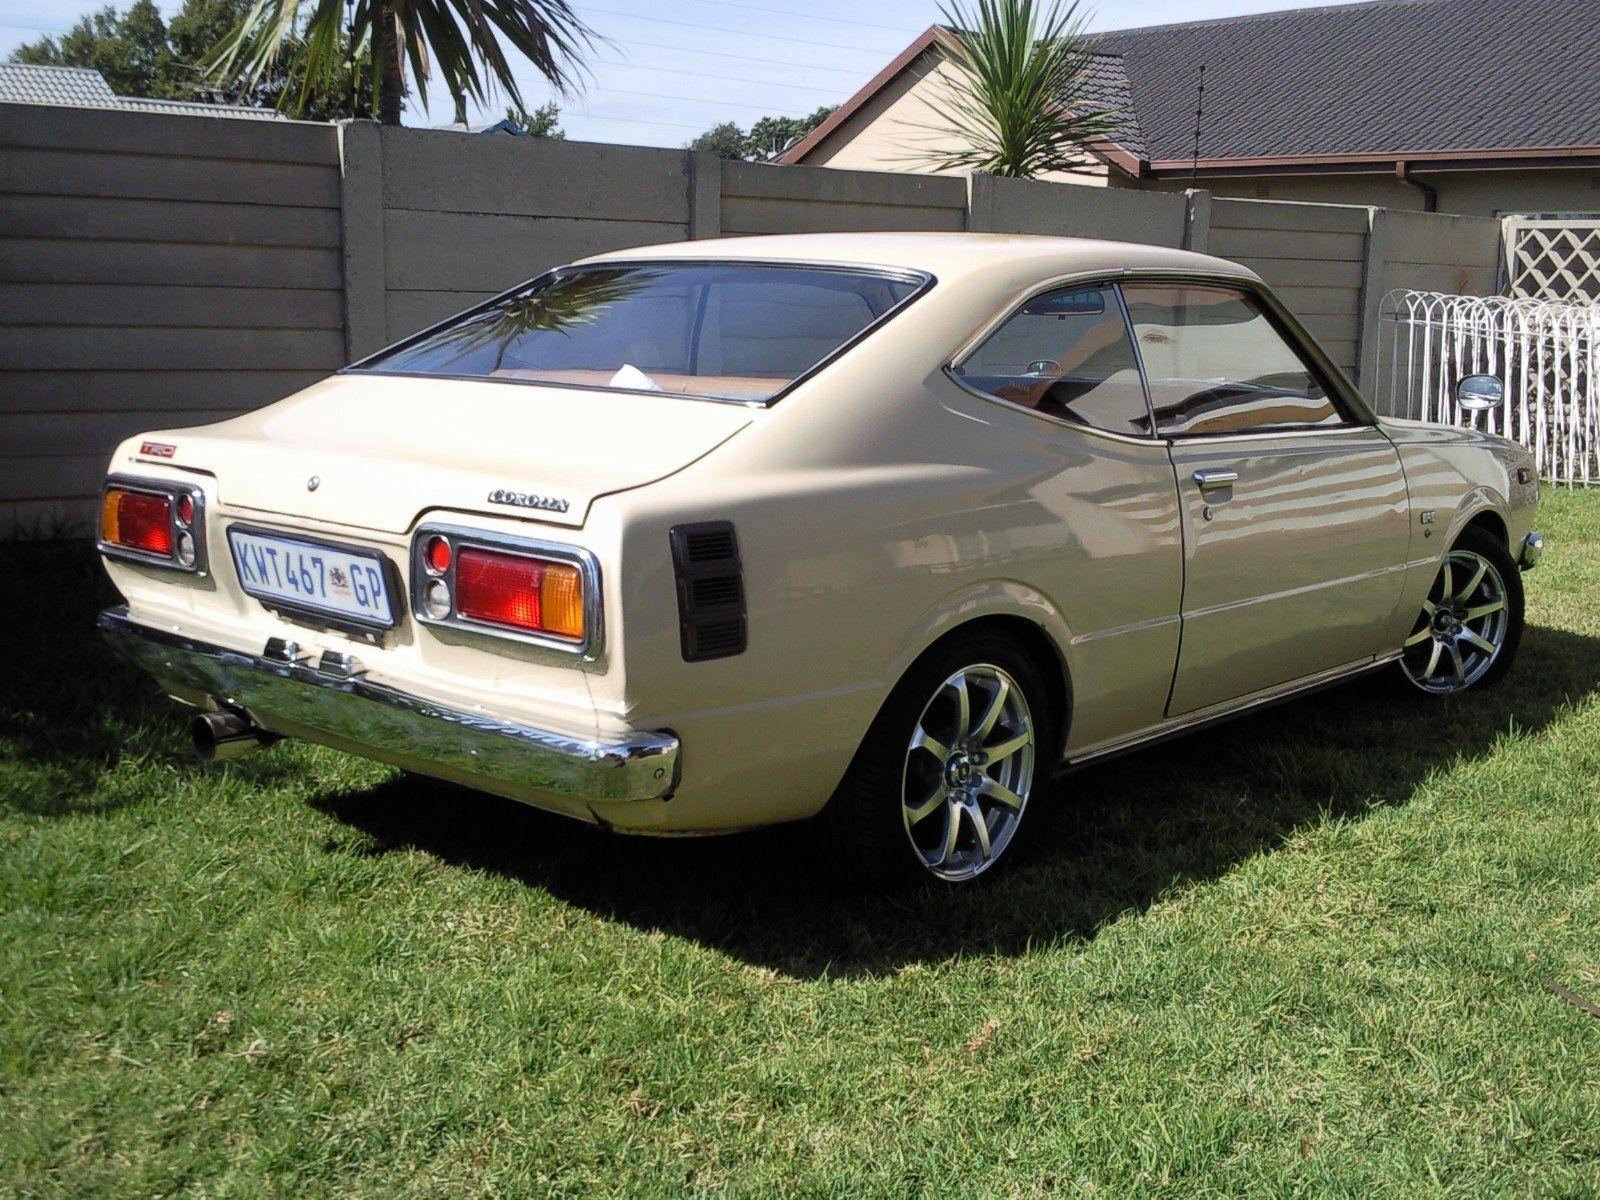 1976 toyota corona image 185